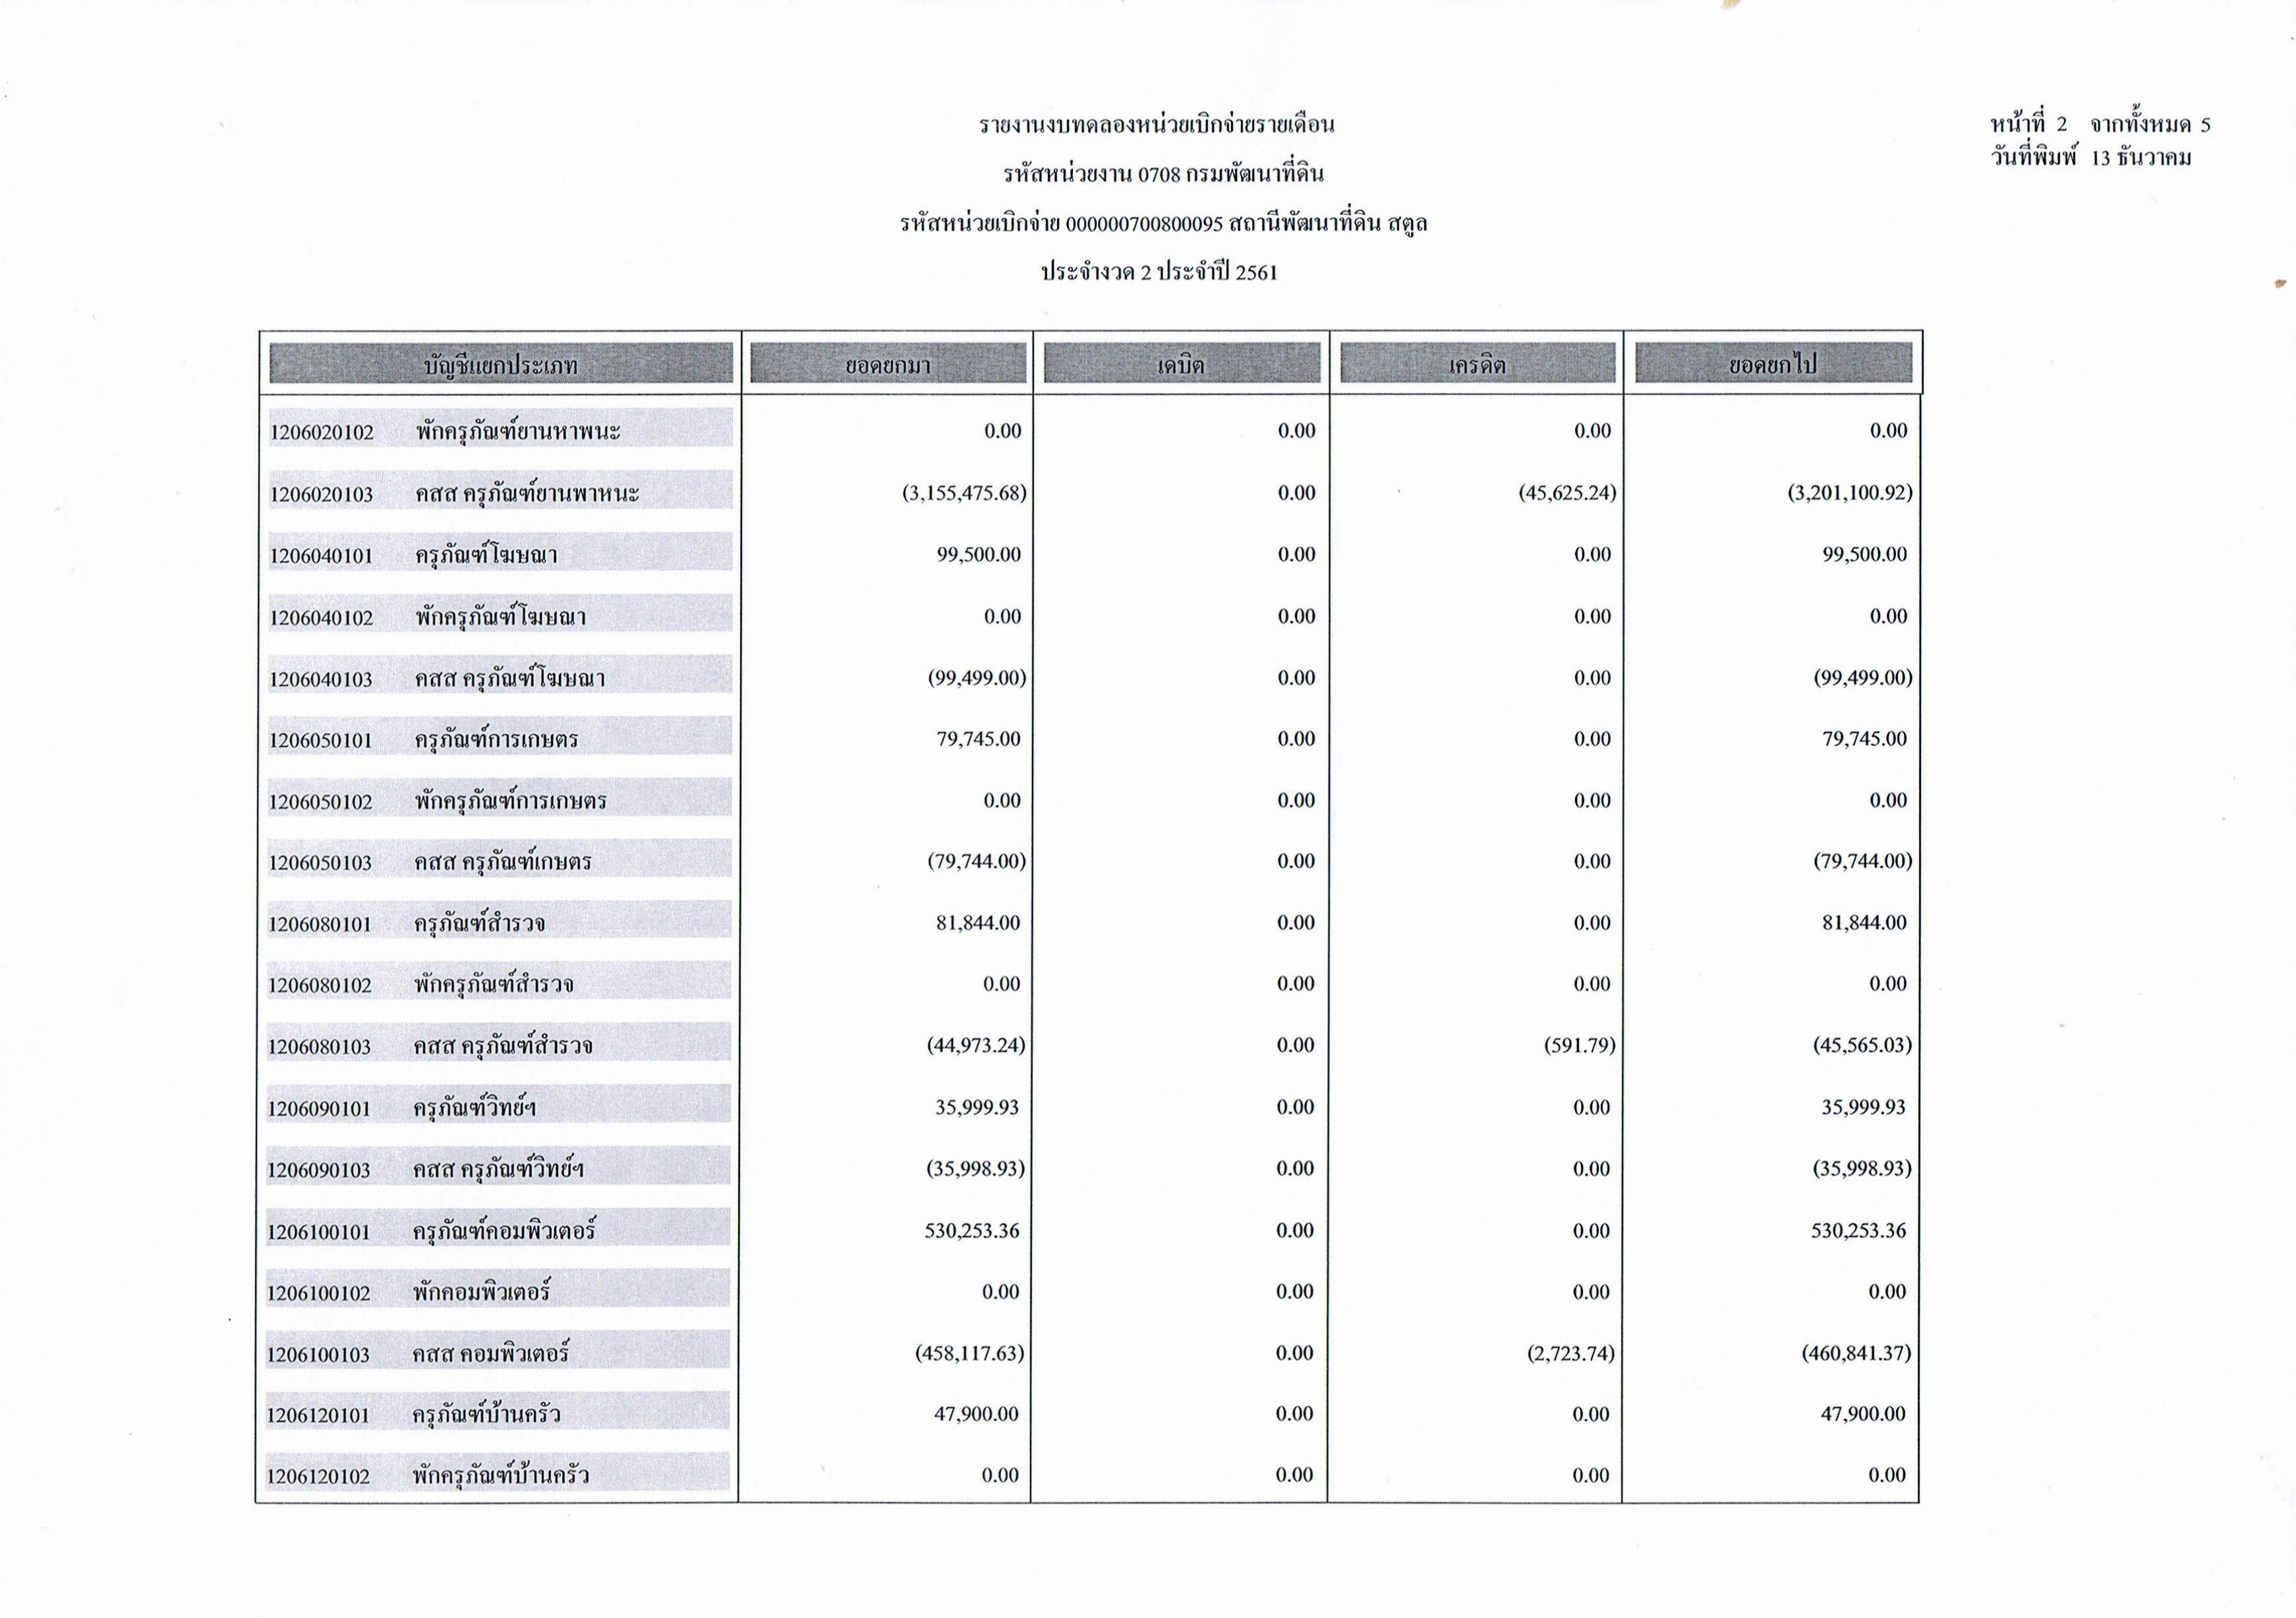 รายงานงบทดลองหน่วยเบิกจ่ายรายเดือน ประจำงวดที่ 2 ประจำปี 2561 หน้า 2